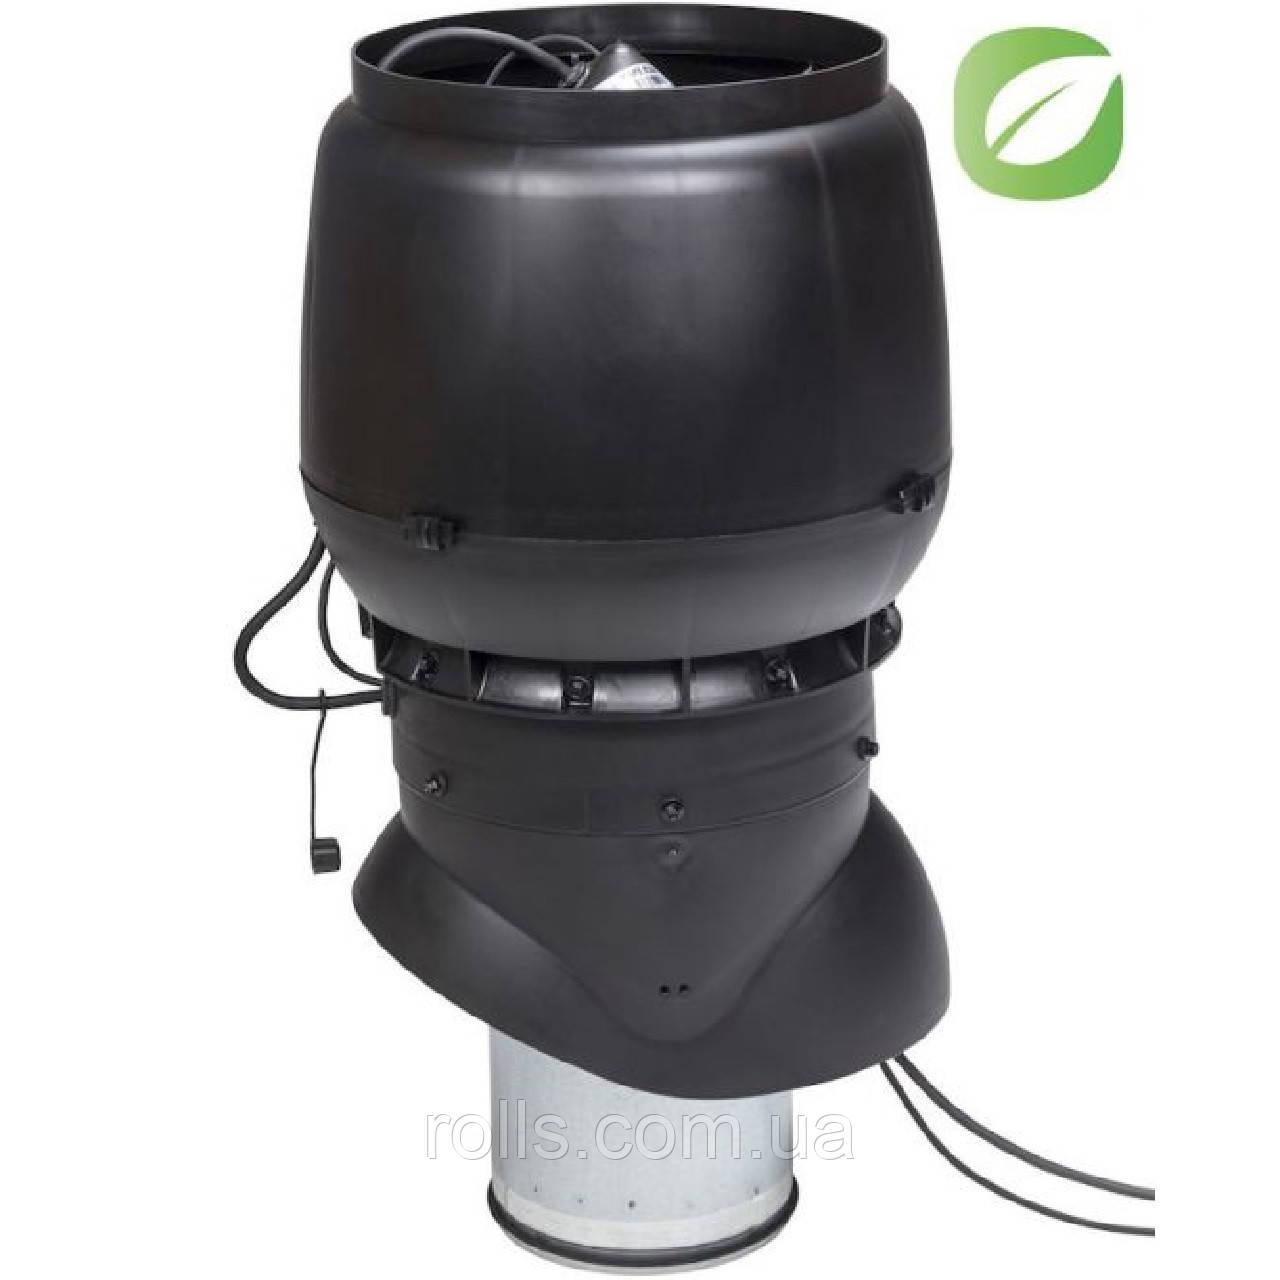 Вентилятор XL-EСо 250 P Вентилятор VILPE